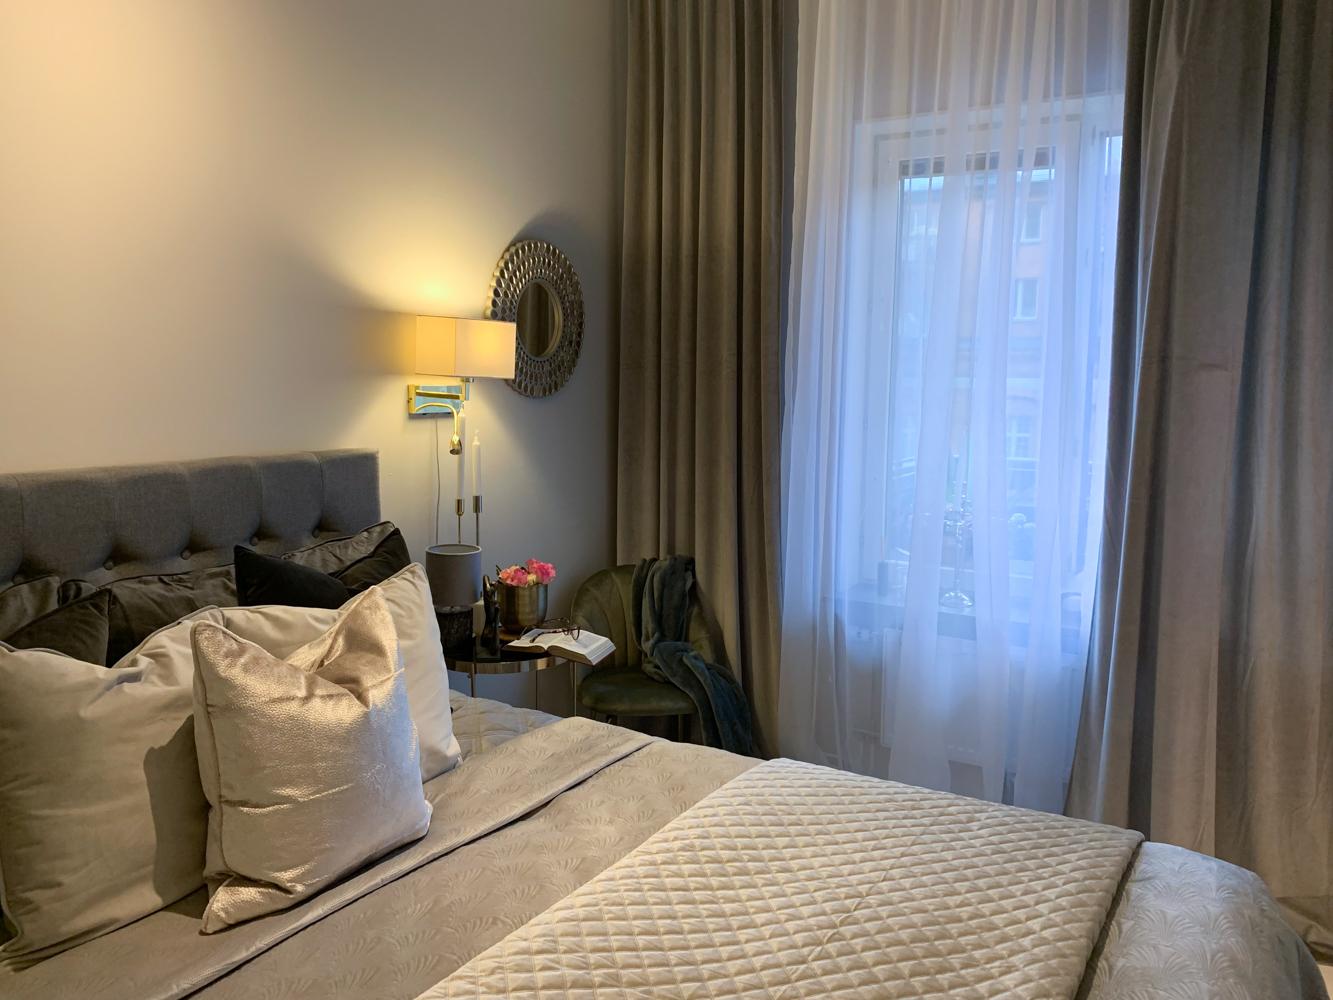 dormitor ioana cataloiu